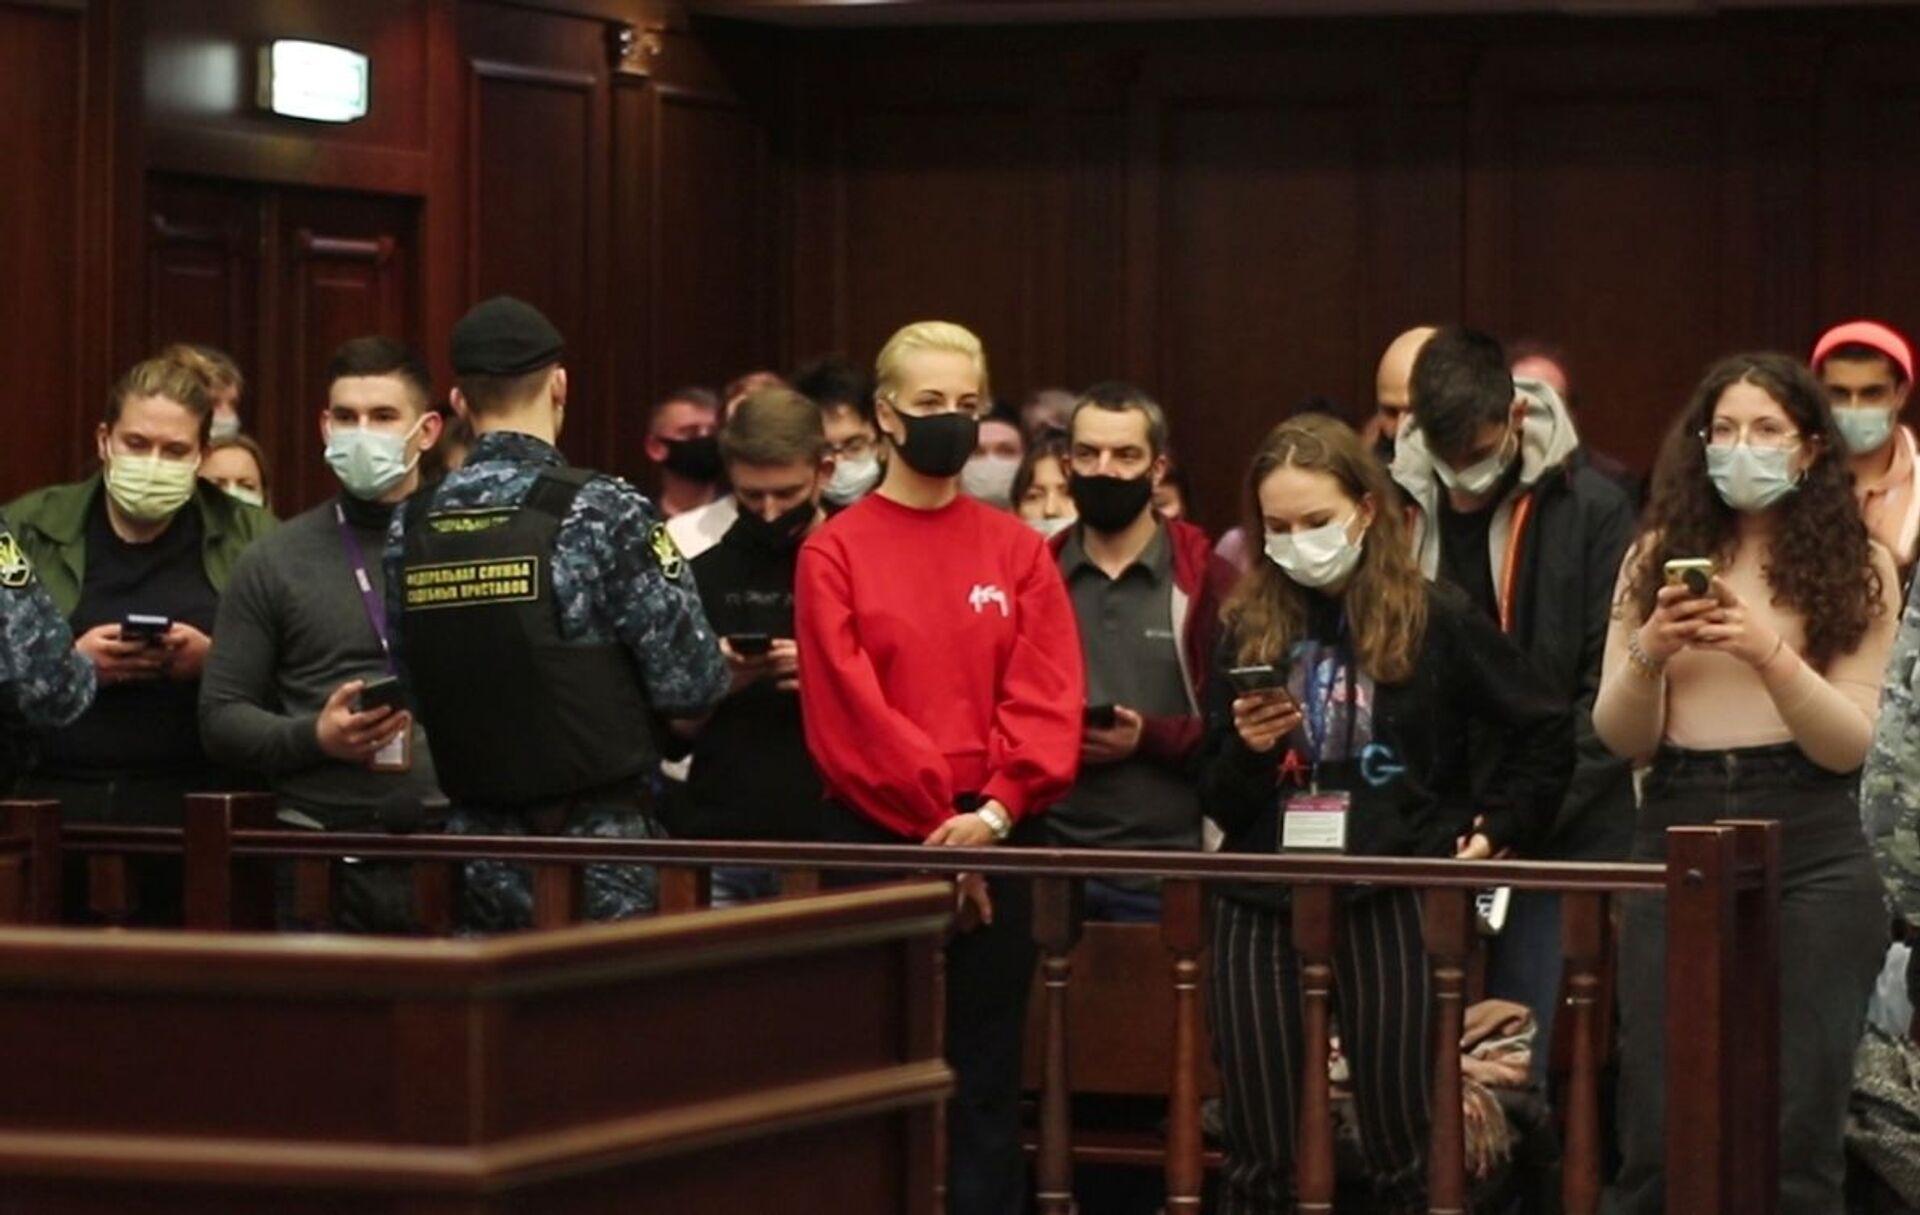 Espulsi diplomatici stranieri che hanno partecipano a manifestazione non autorizzata a Mosca - Sputnik Italia, 1920, 05.02.2021